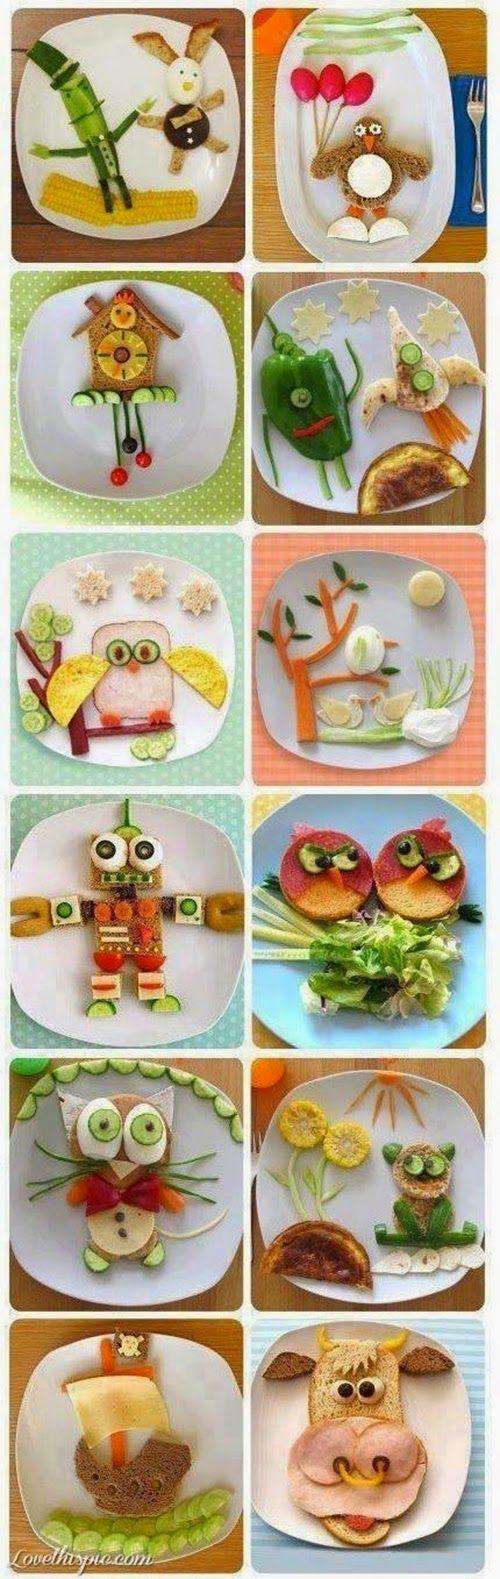 Acho o máximo quem consegue ser criativo na apresentação de pratos, principalmente para crianças. Uma época, no discoverykids , fizeram...